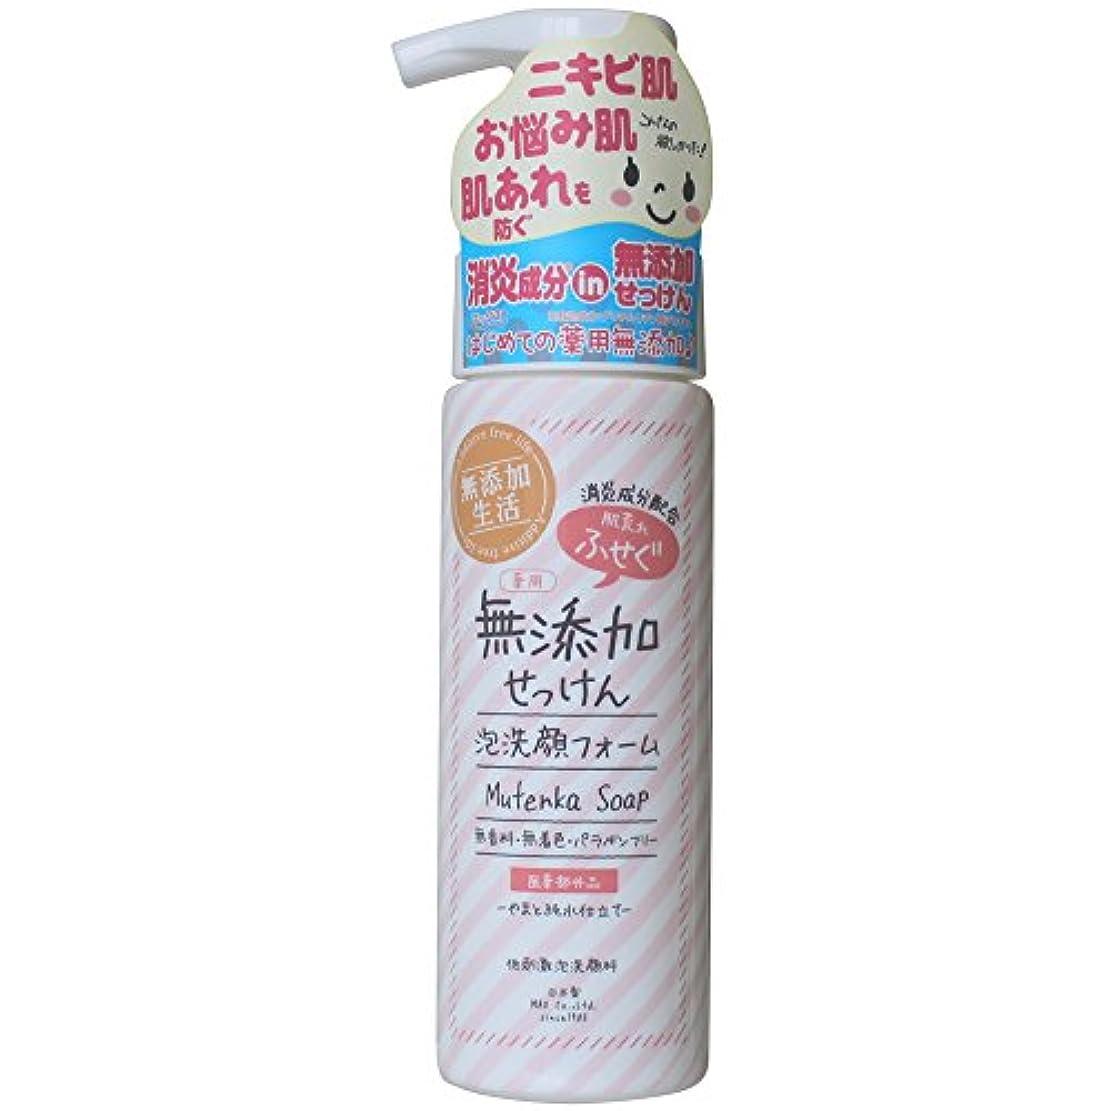 緩む望みリマーク肌荒れ防ぐ薬用無添加 洗顔フォーム 200mL